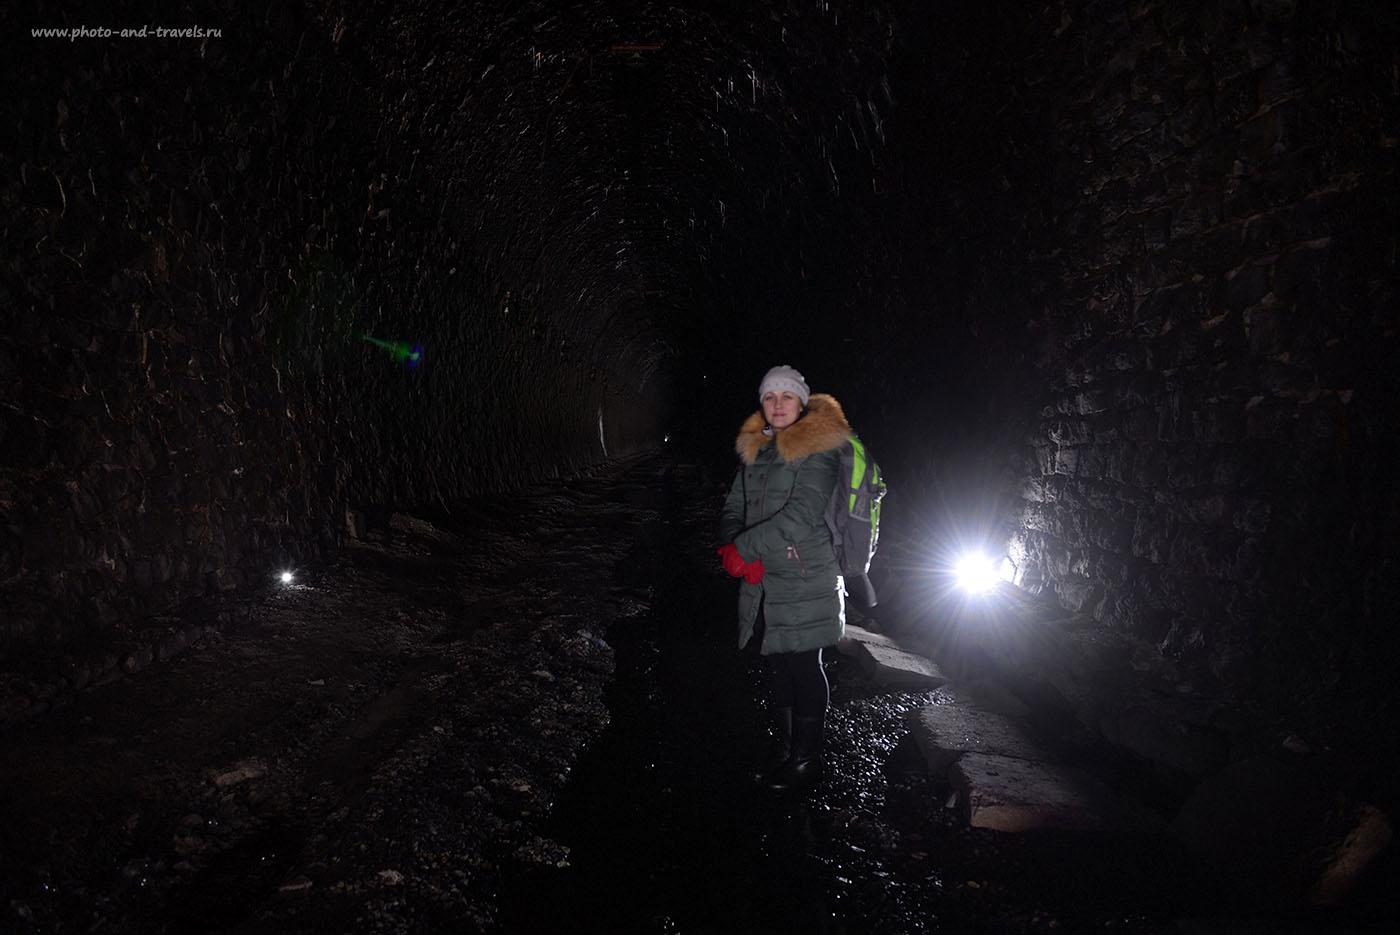 Фотография 4. Дидинский тоннель. Необработанный RAW.